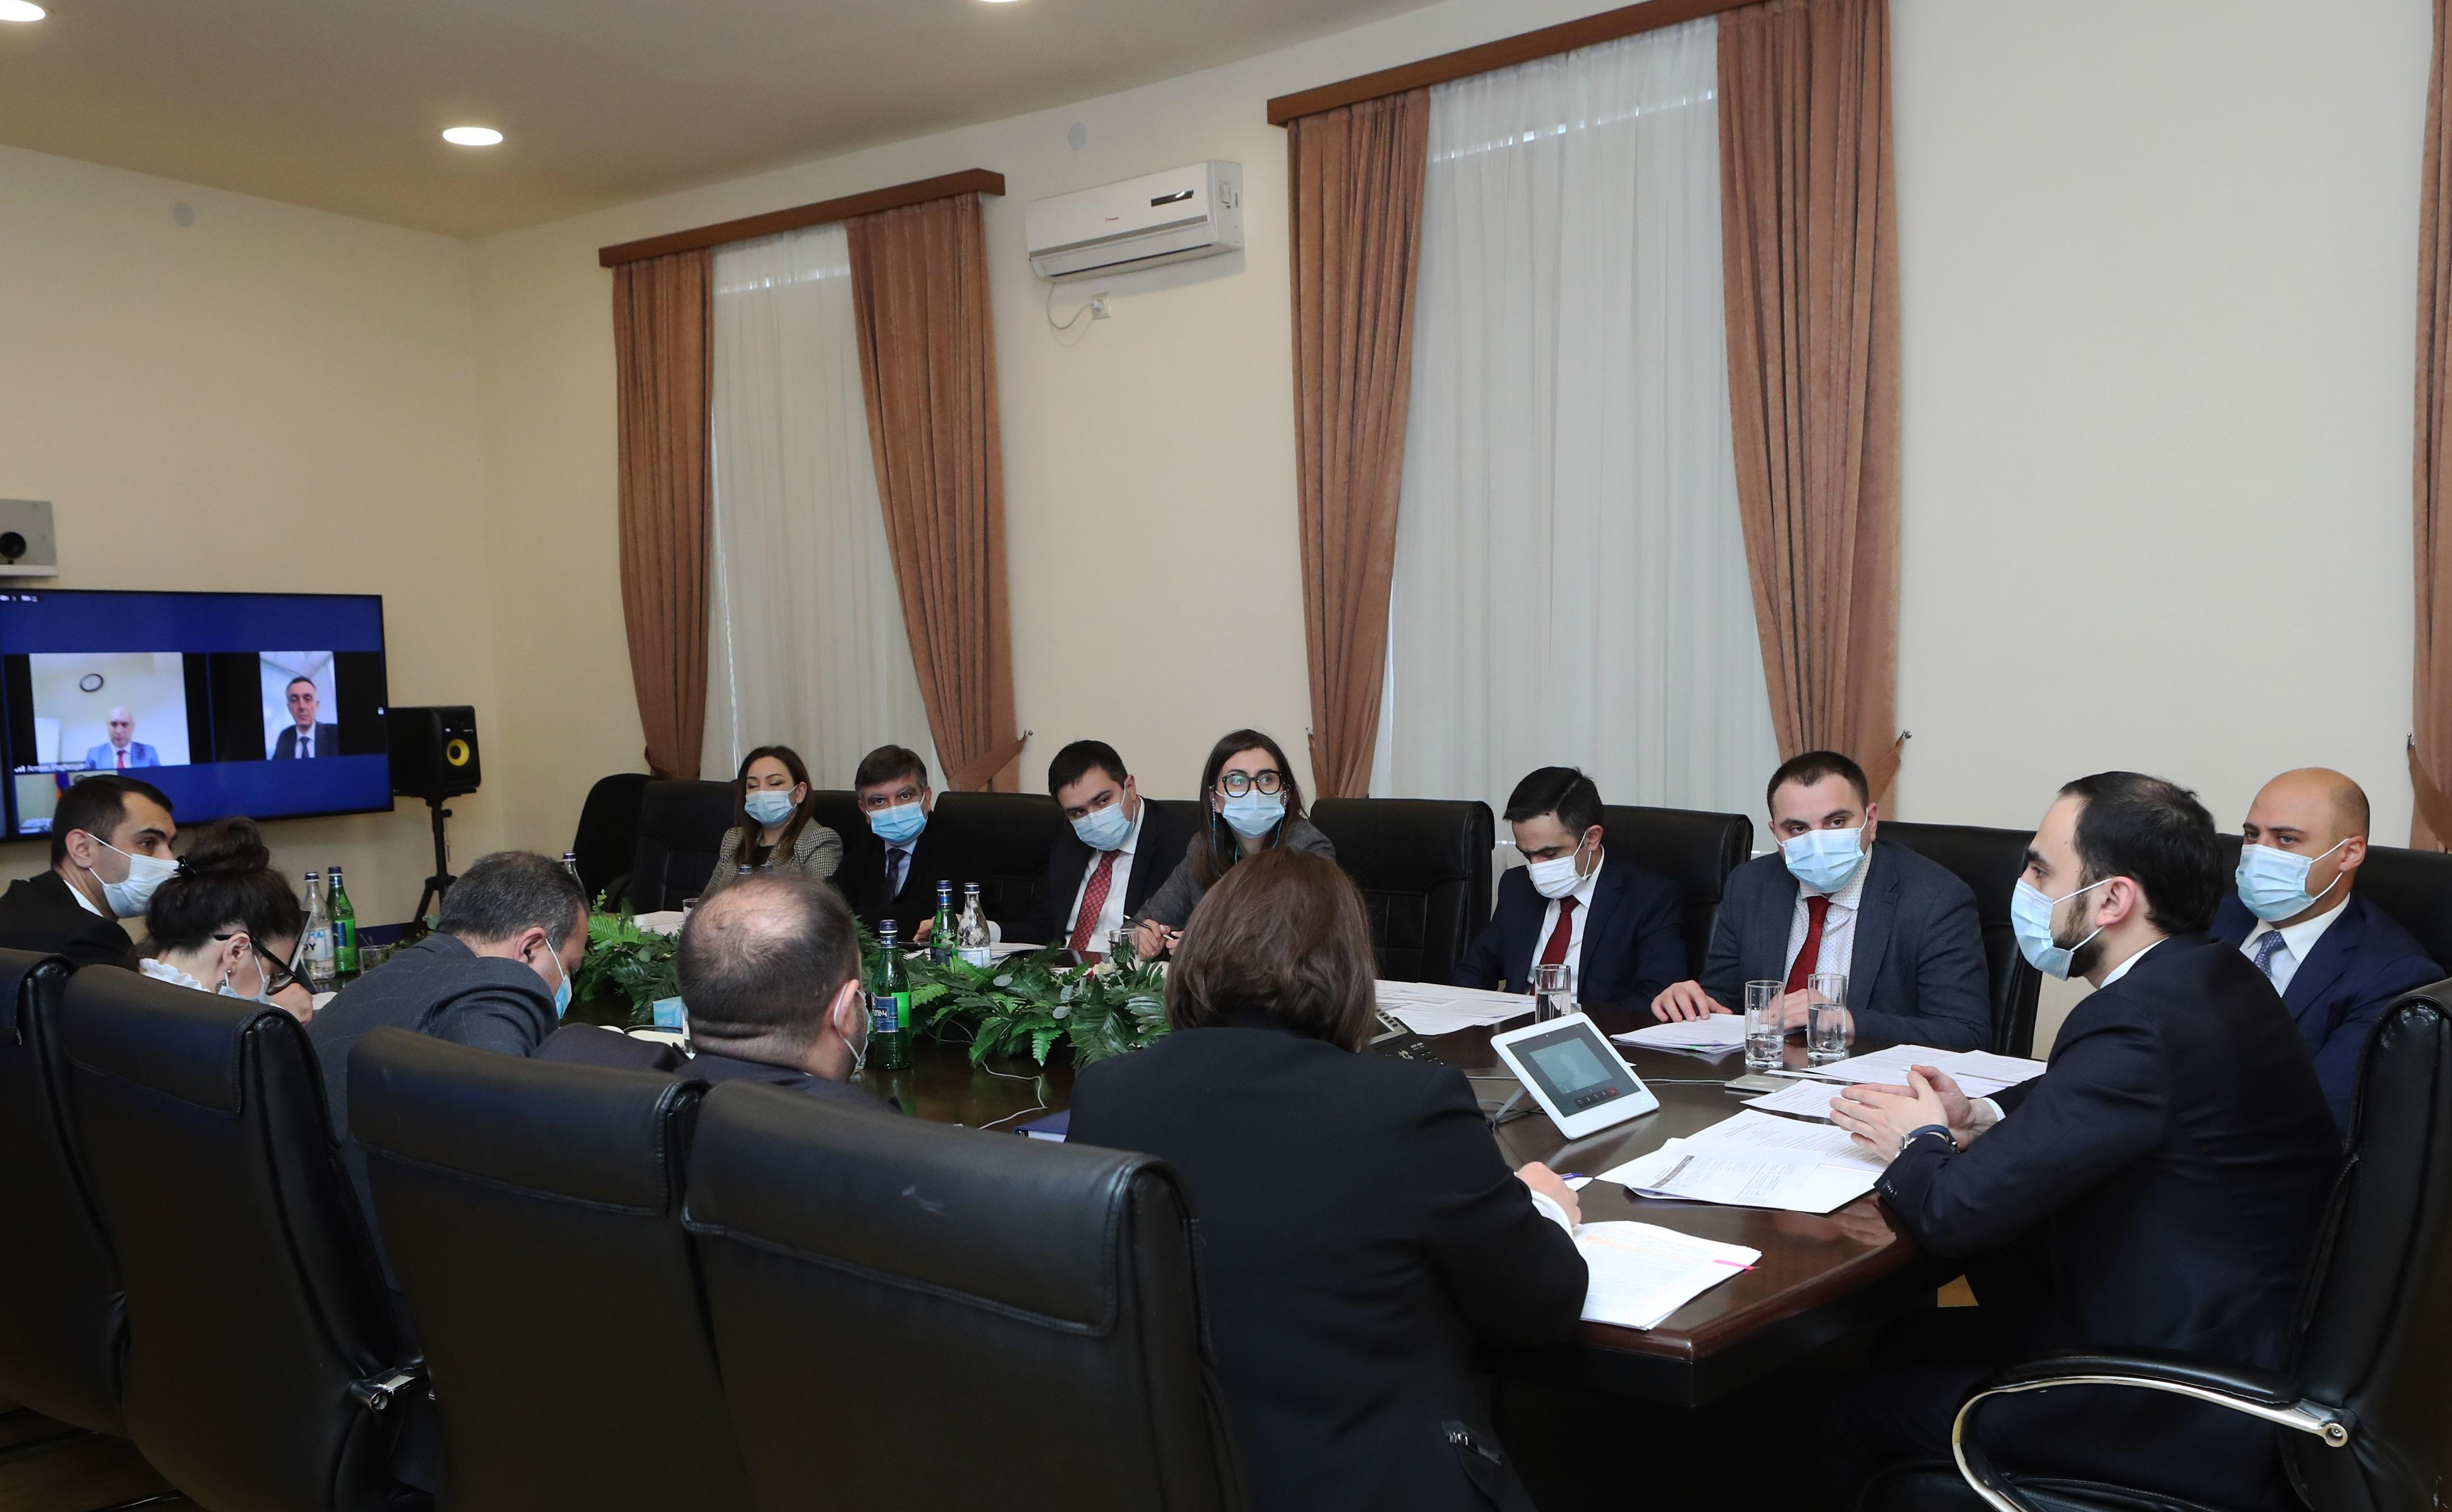 Photo of Փոխվարչապետը տեսակոնֆերանս է անցկացրել Եվրասիական զարգացման բանկի ներկայացուցիչների հետ